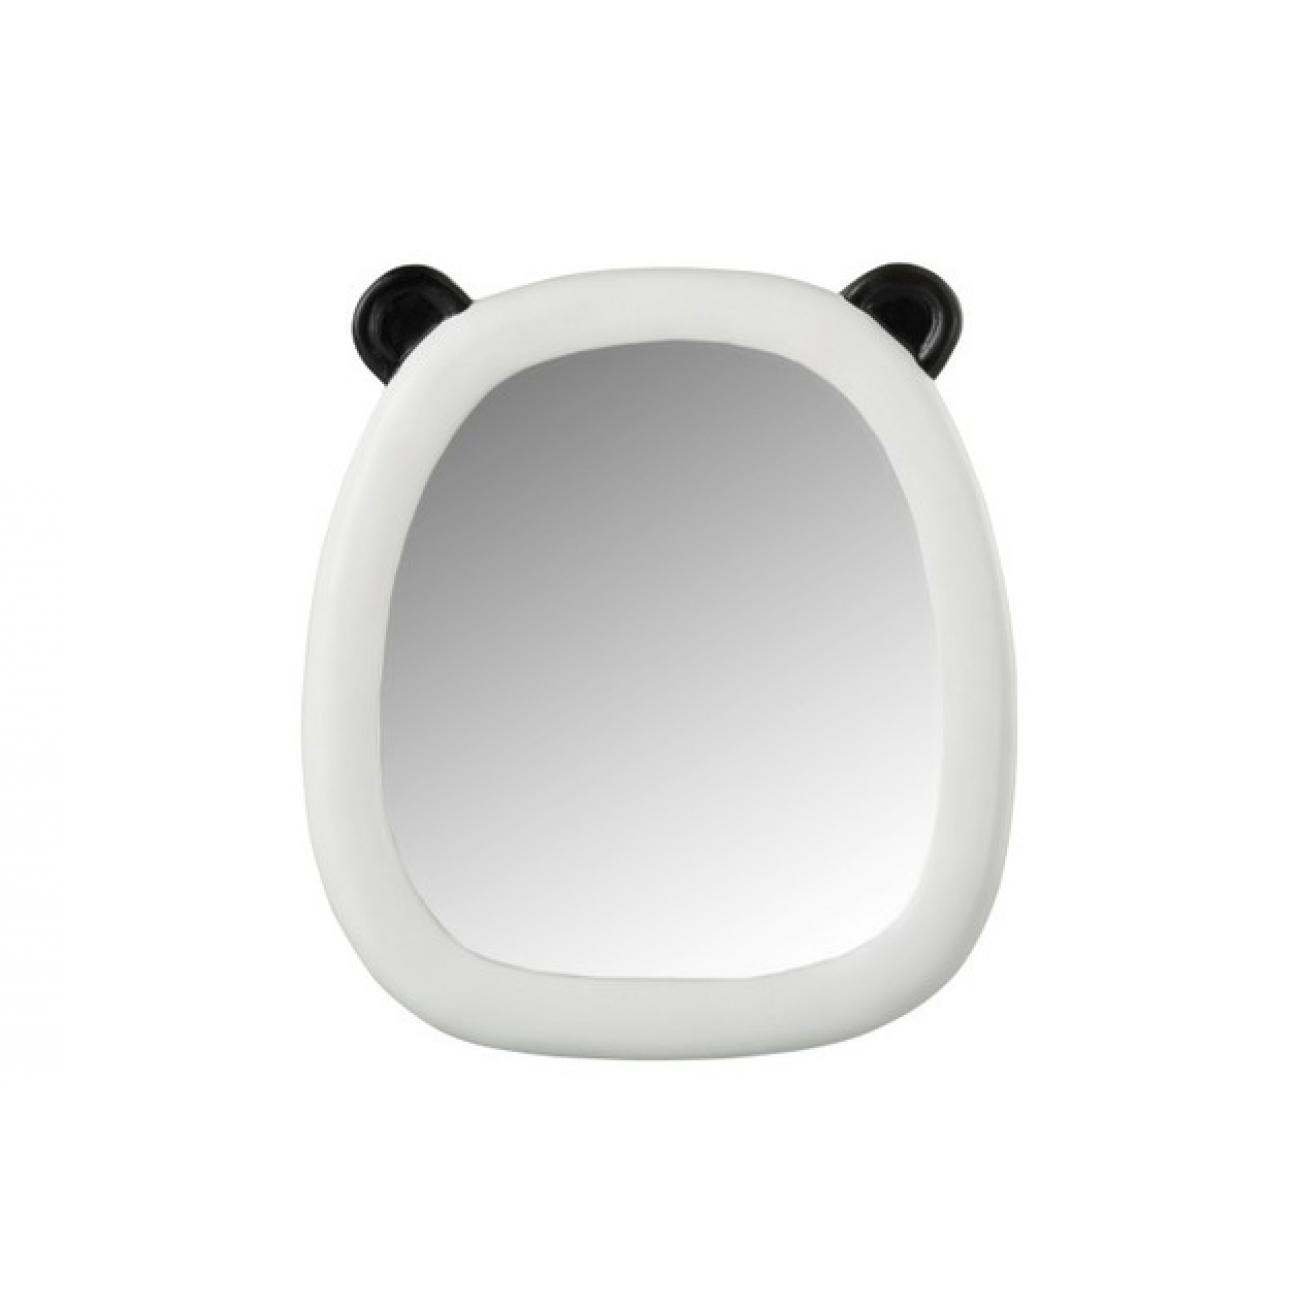 Зеркало J-LINE фигурное настенное в полирезиновой раме в форме головы панды 25х28 см Бельгия